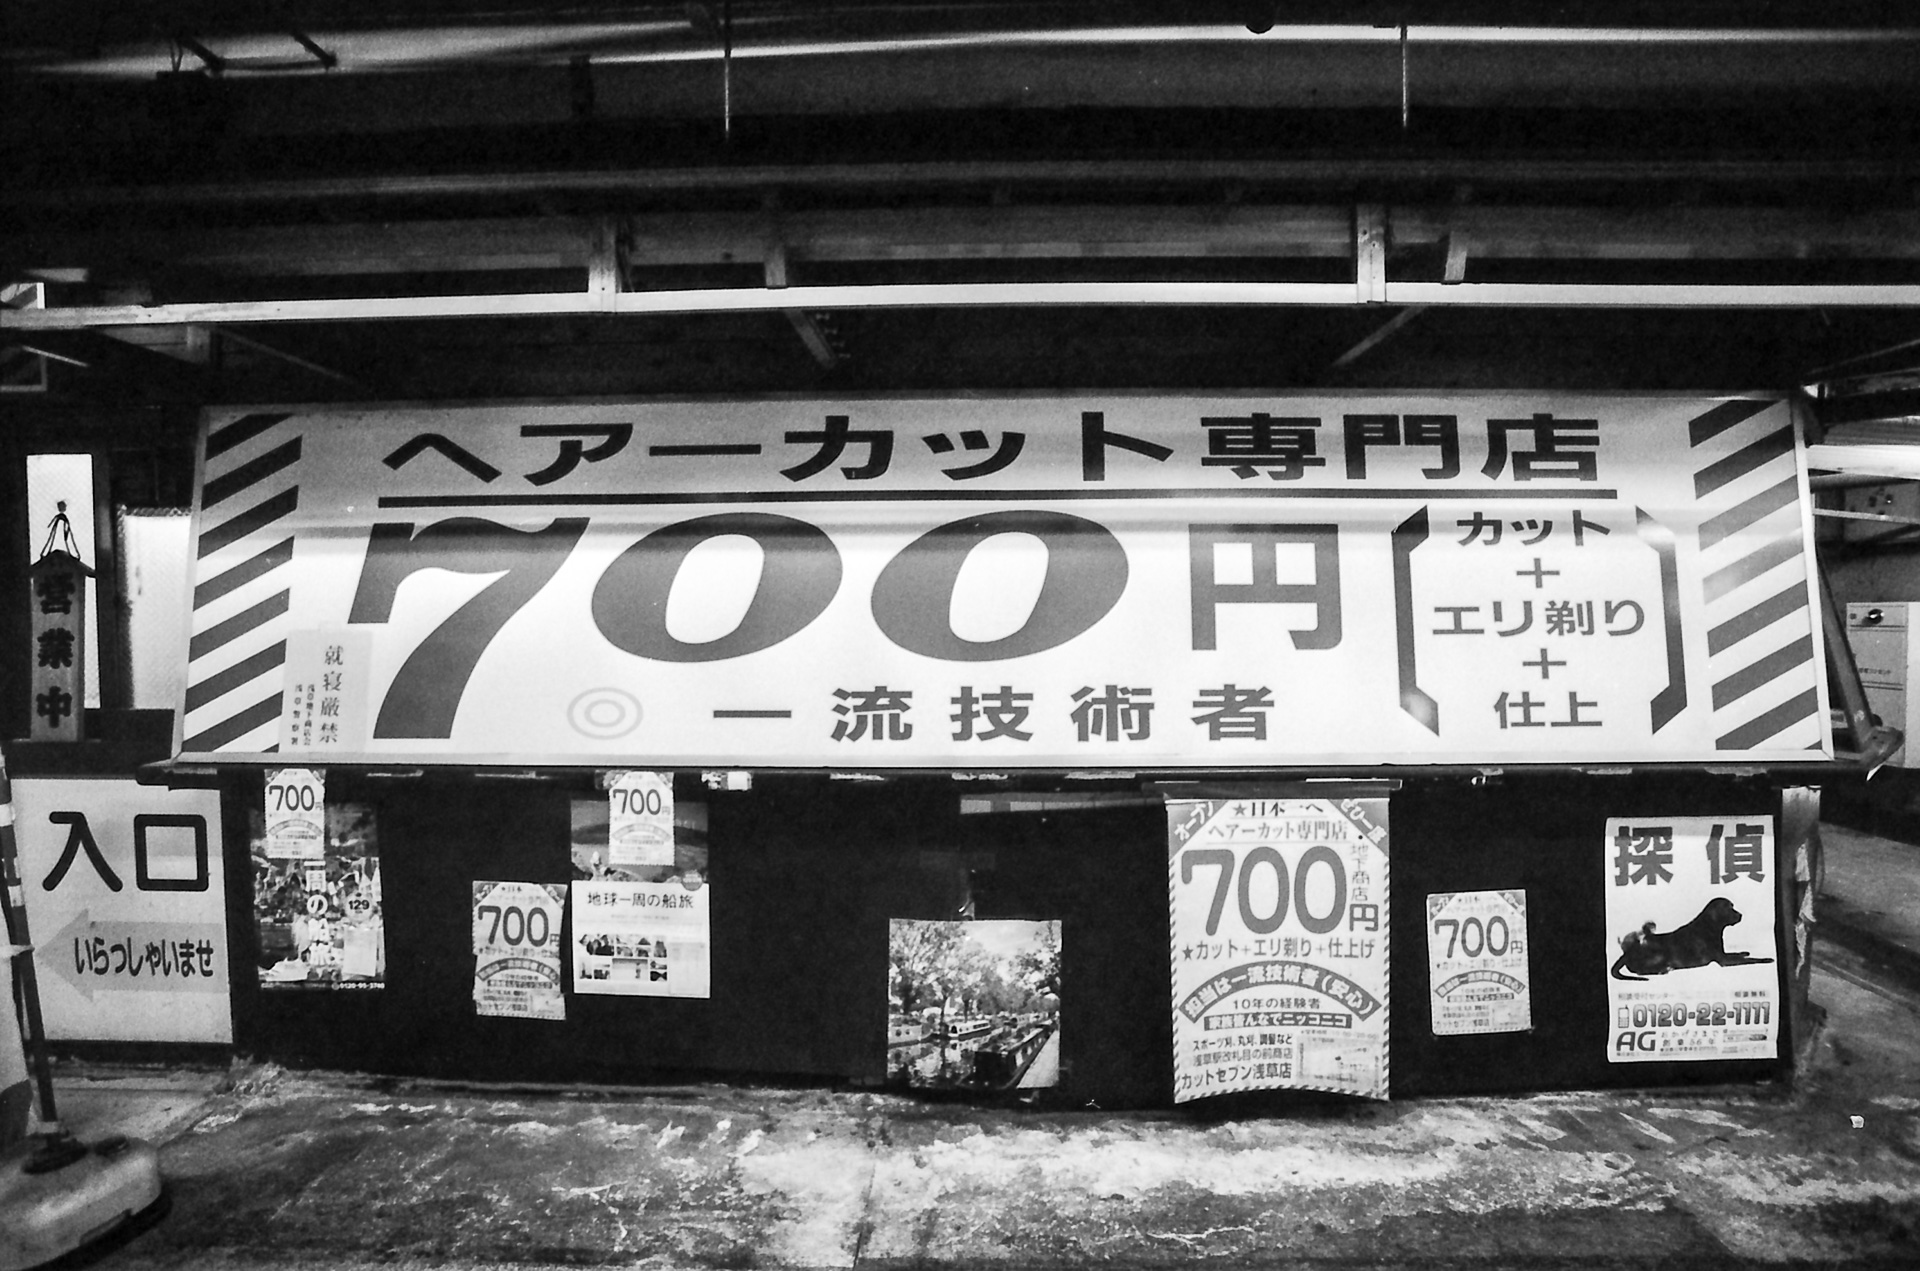 700円カット理容店 Canon EOS-1, EF 17-40mm F4L USM, Rollei RPX 400